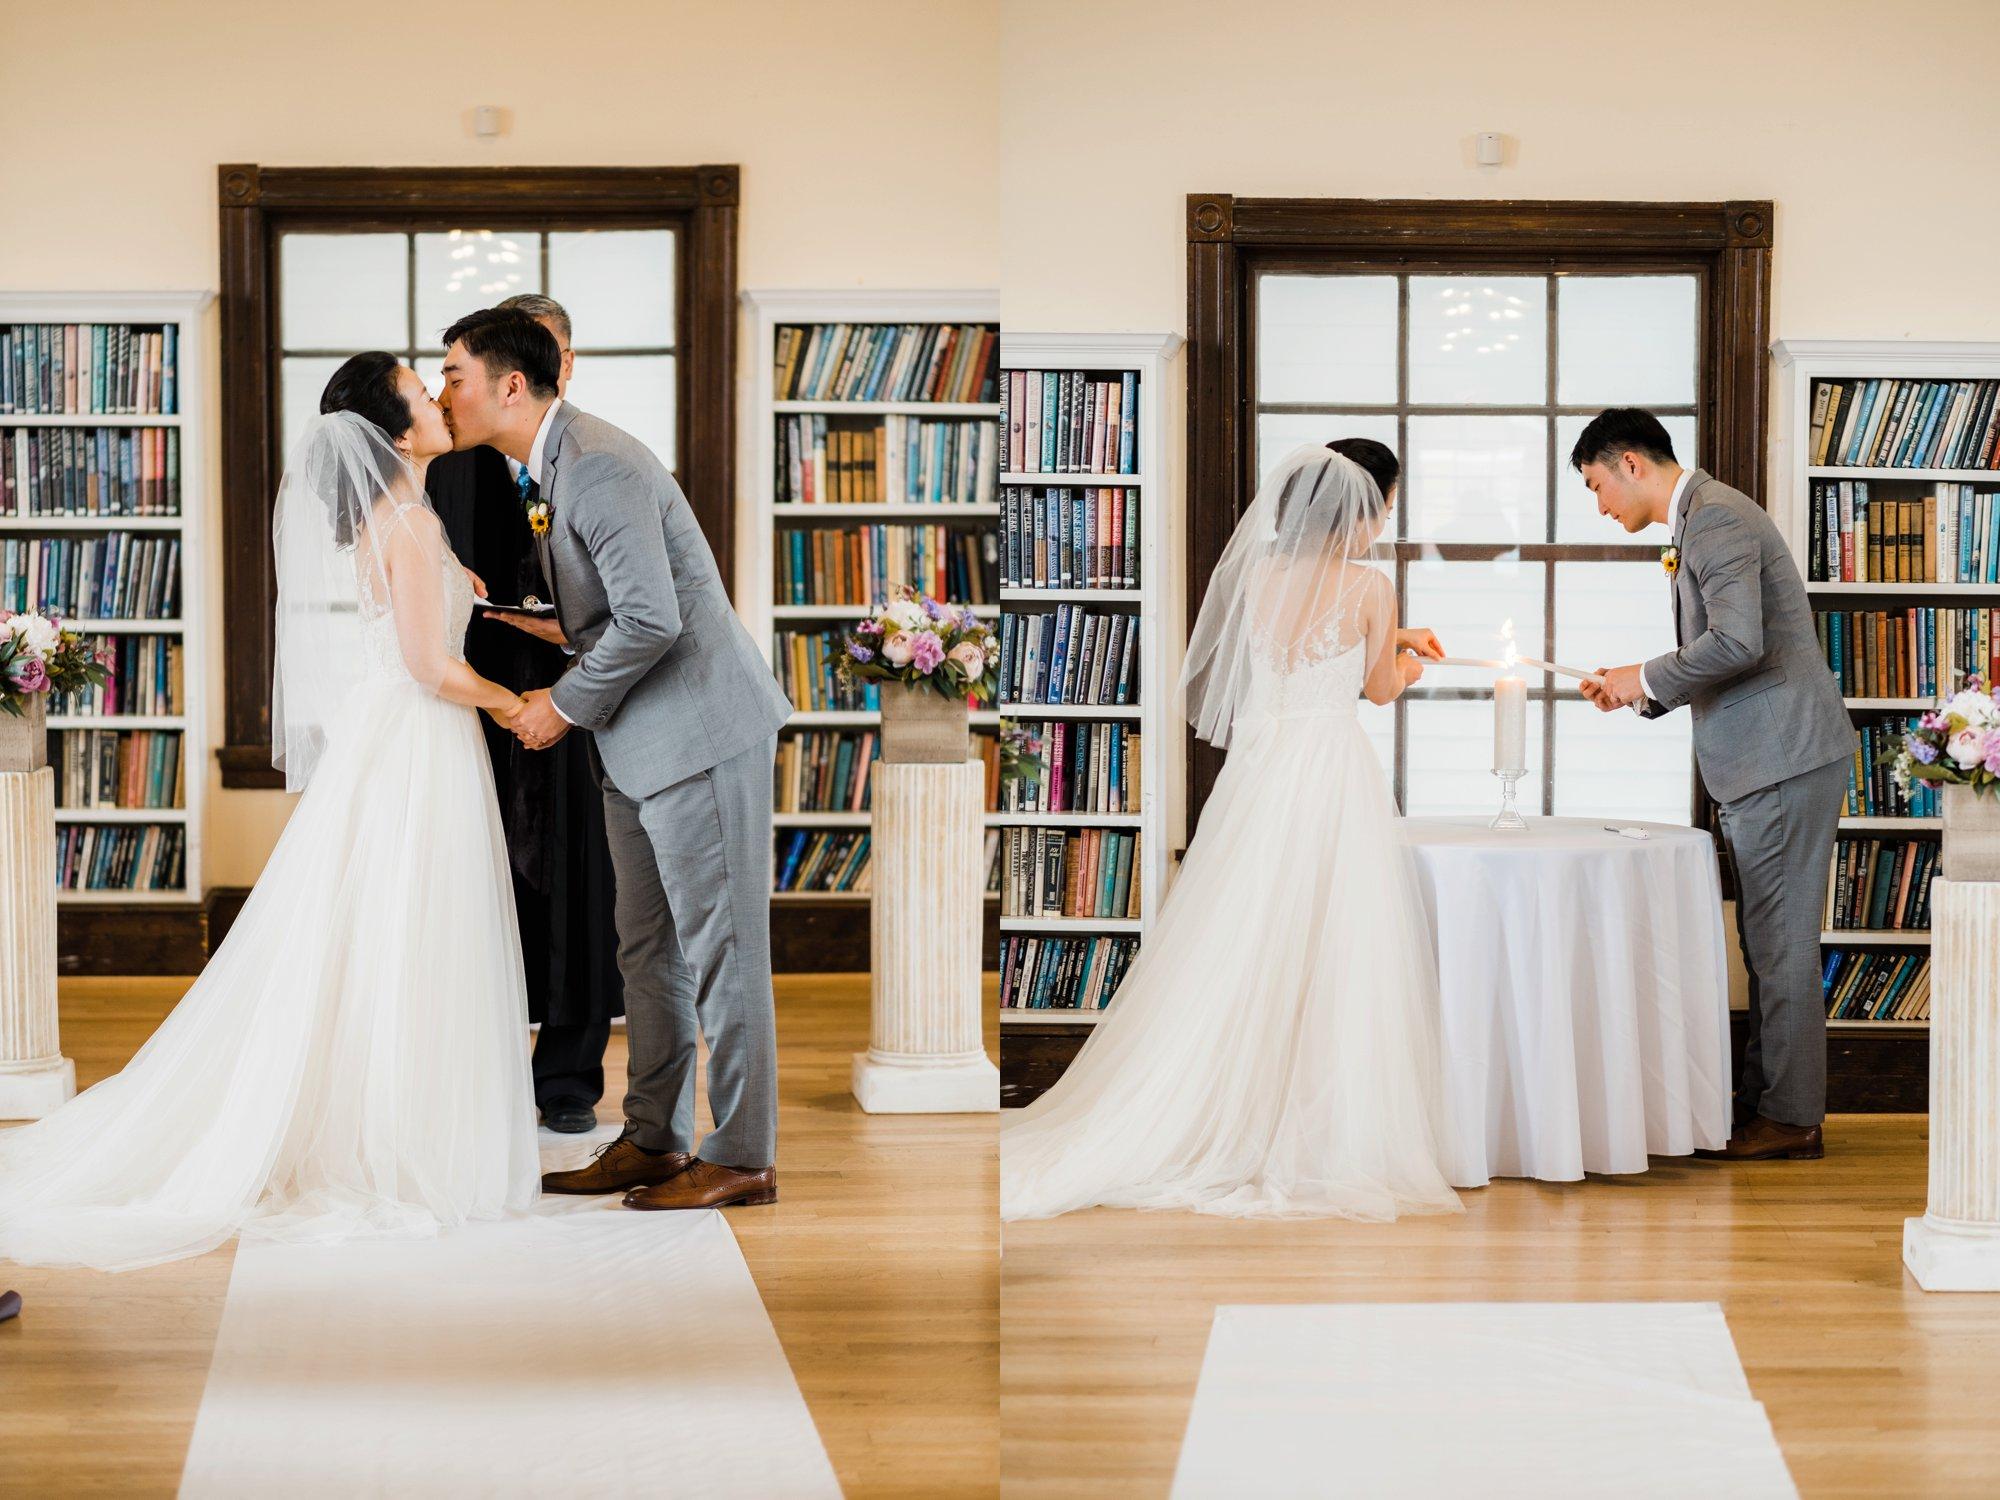 fairfax-dc-wedding-old-city-hall_0113.jpg